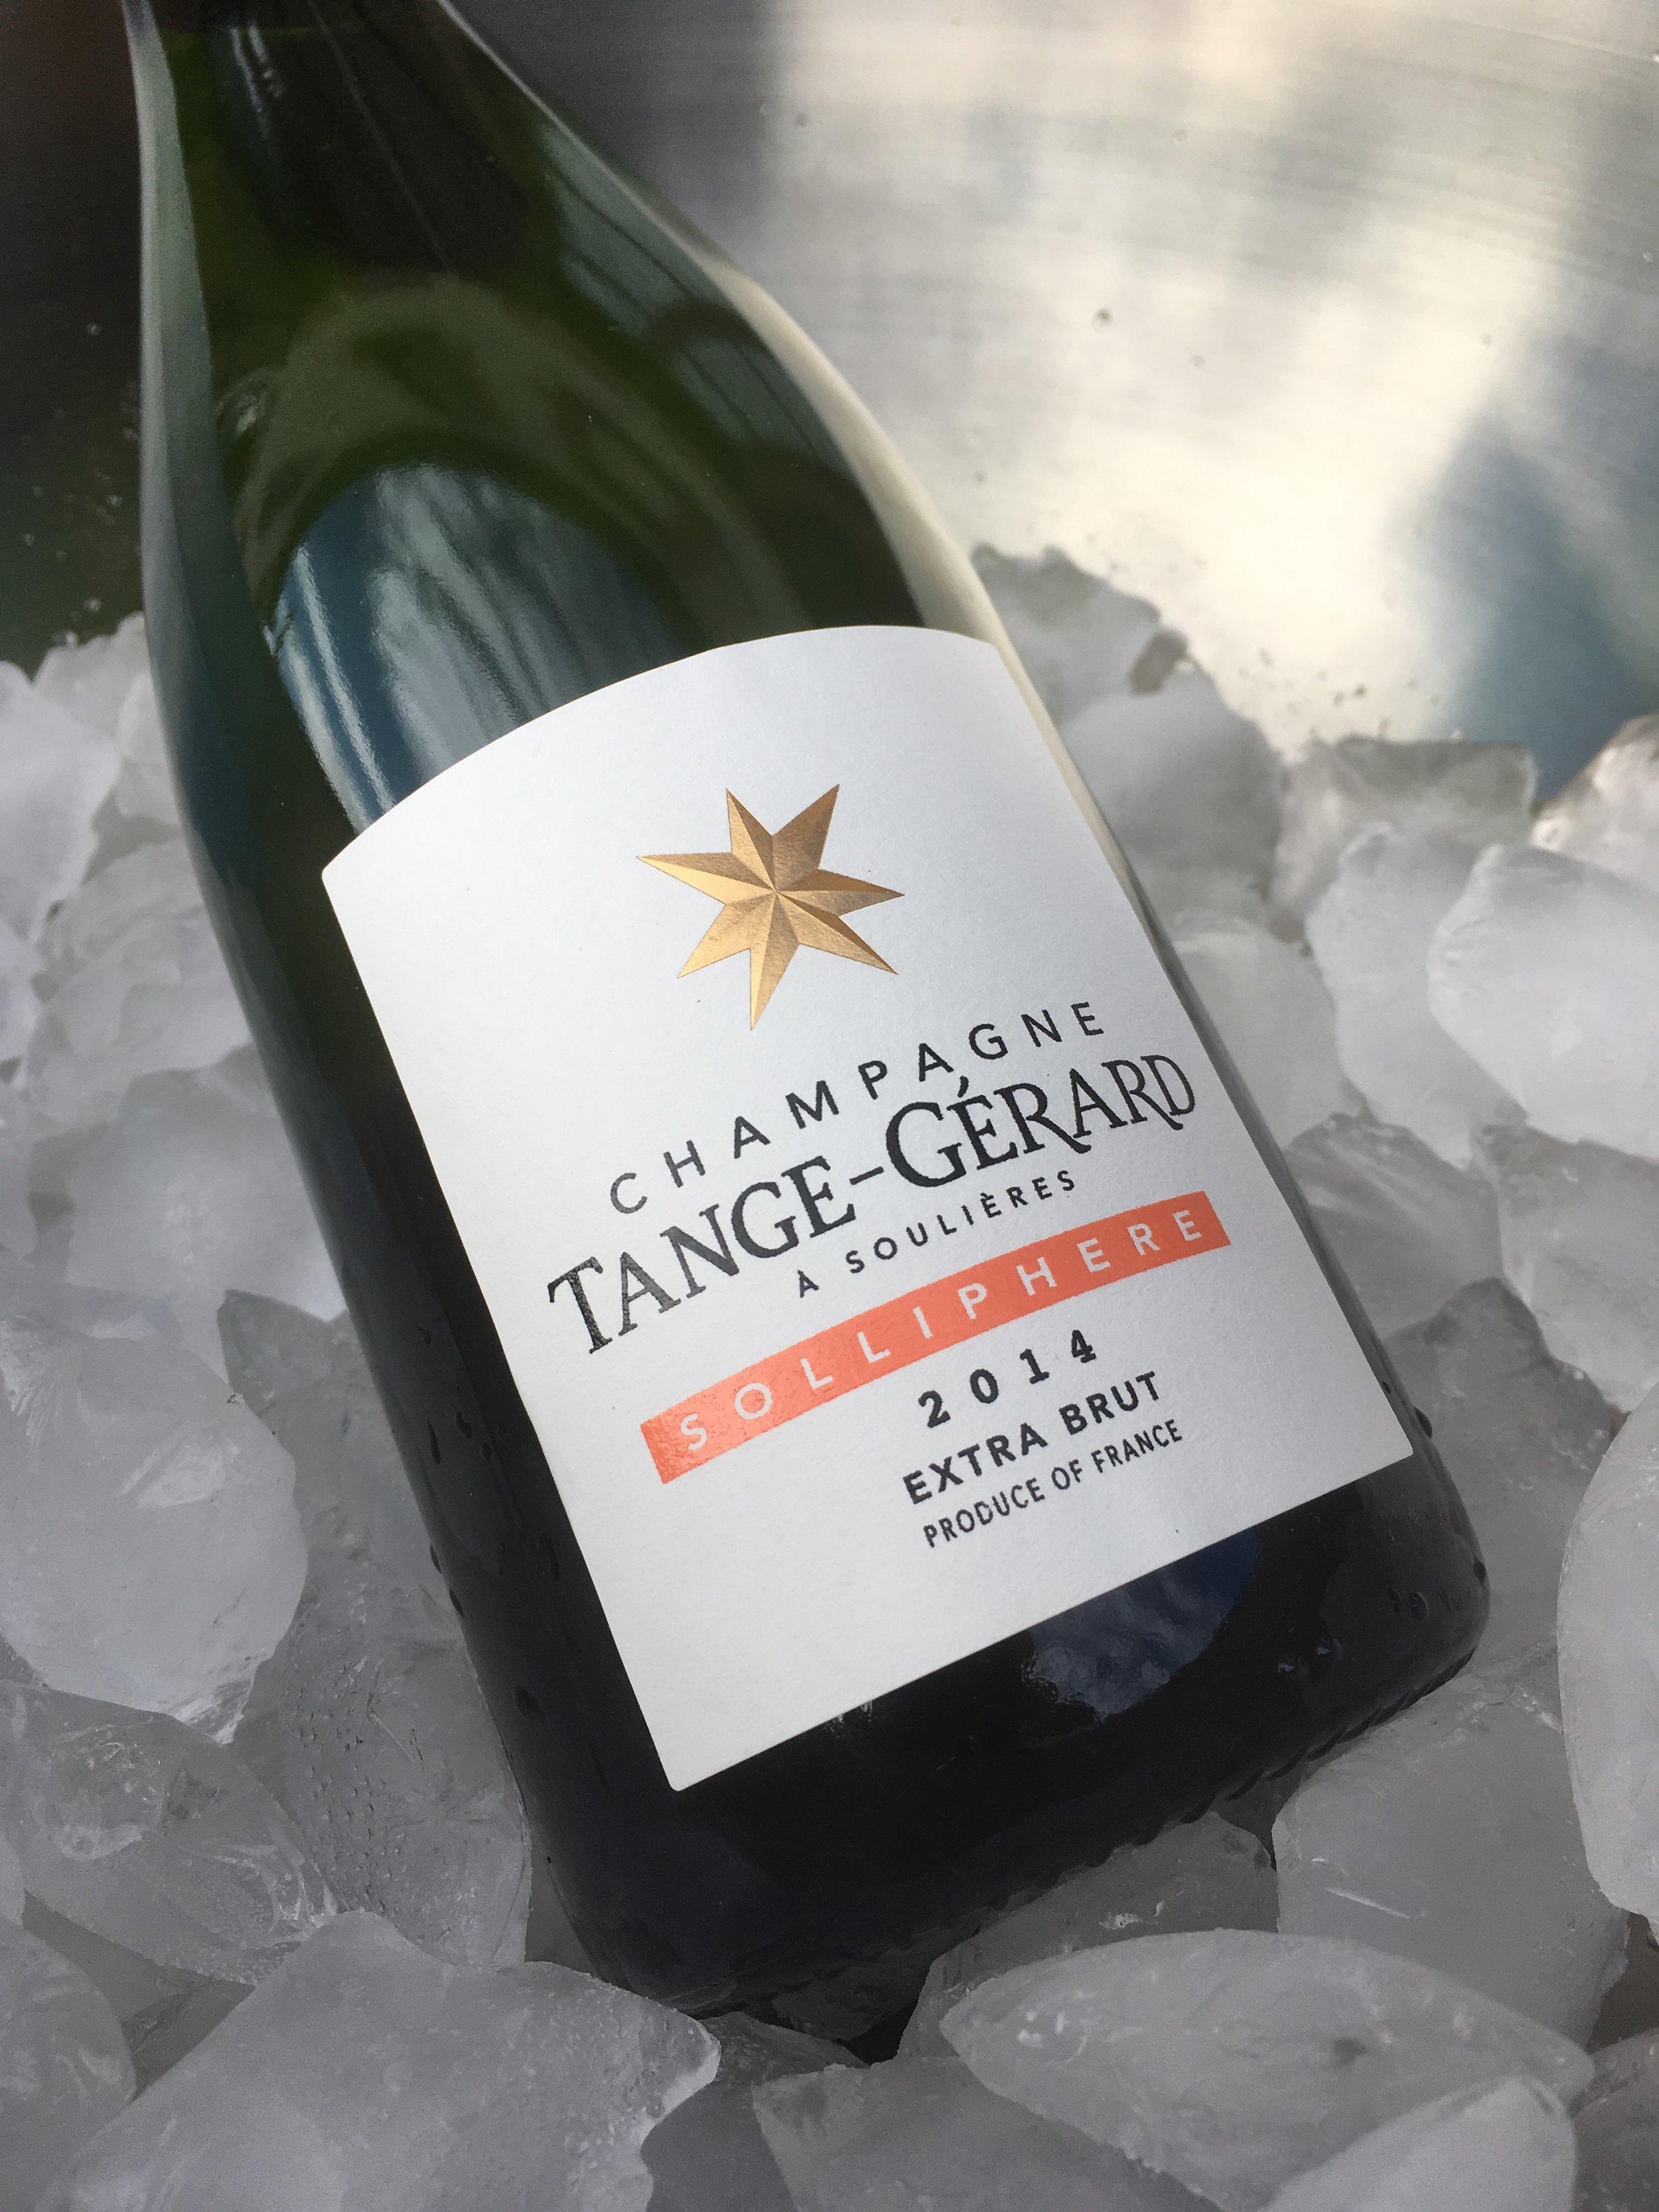 køb tange-gerard - Vinbutikker, vinbarer, restauranter og hos os. Her kan du få fat i vores flasker.Køb Tange-Gerard her